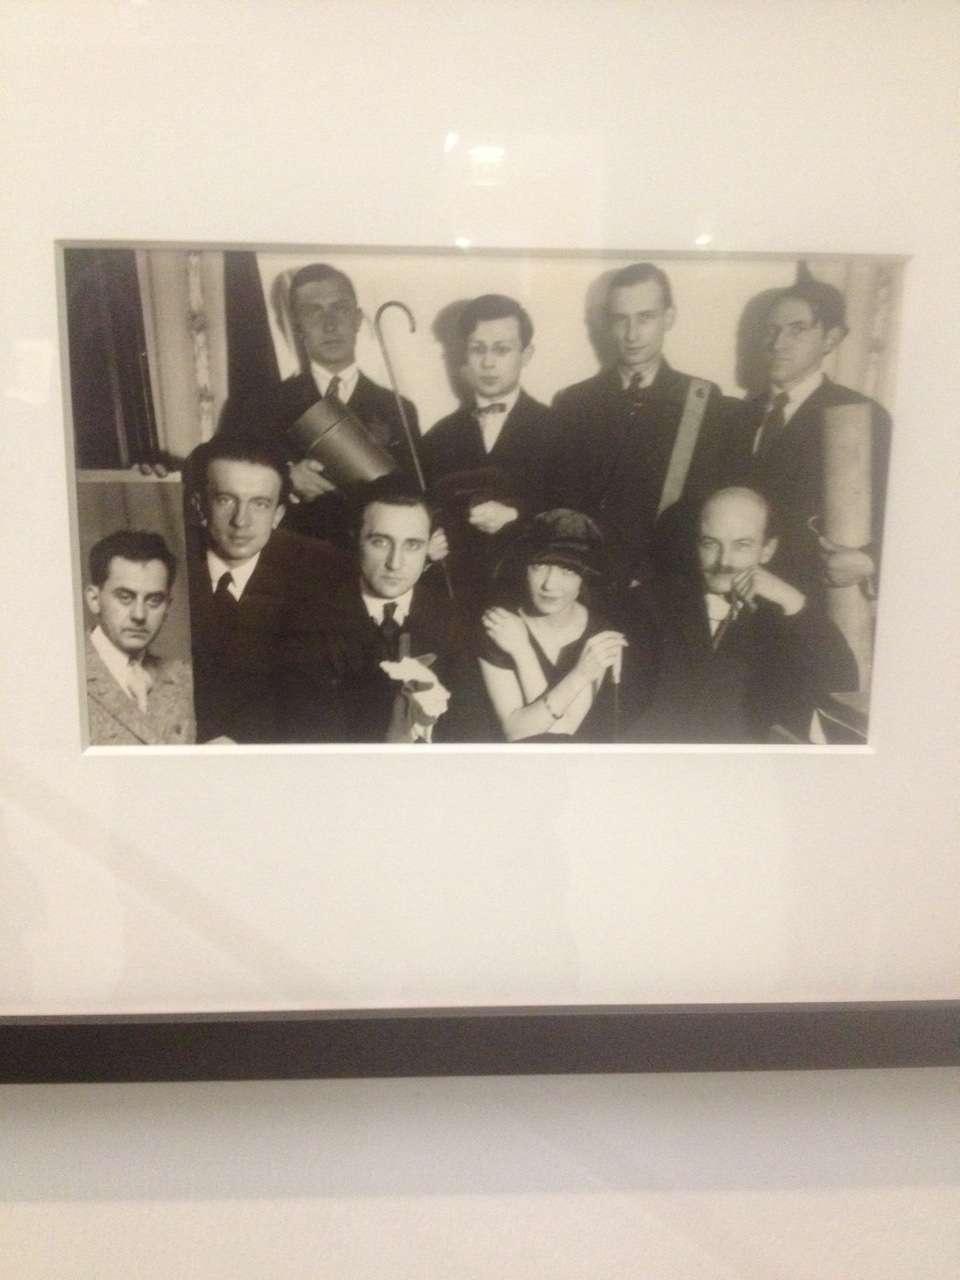 Grupul Dada imortalizat de fotograful Man Ray, 1922 - Trista, Tzara e în picioare, al doilea din stânga